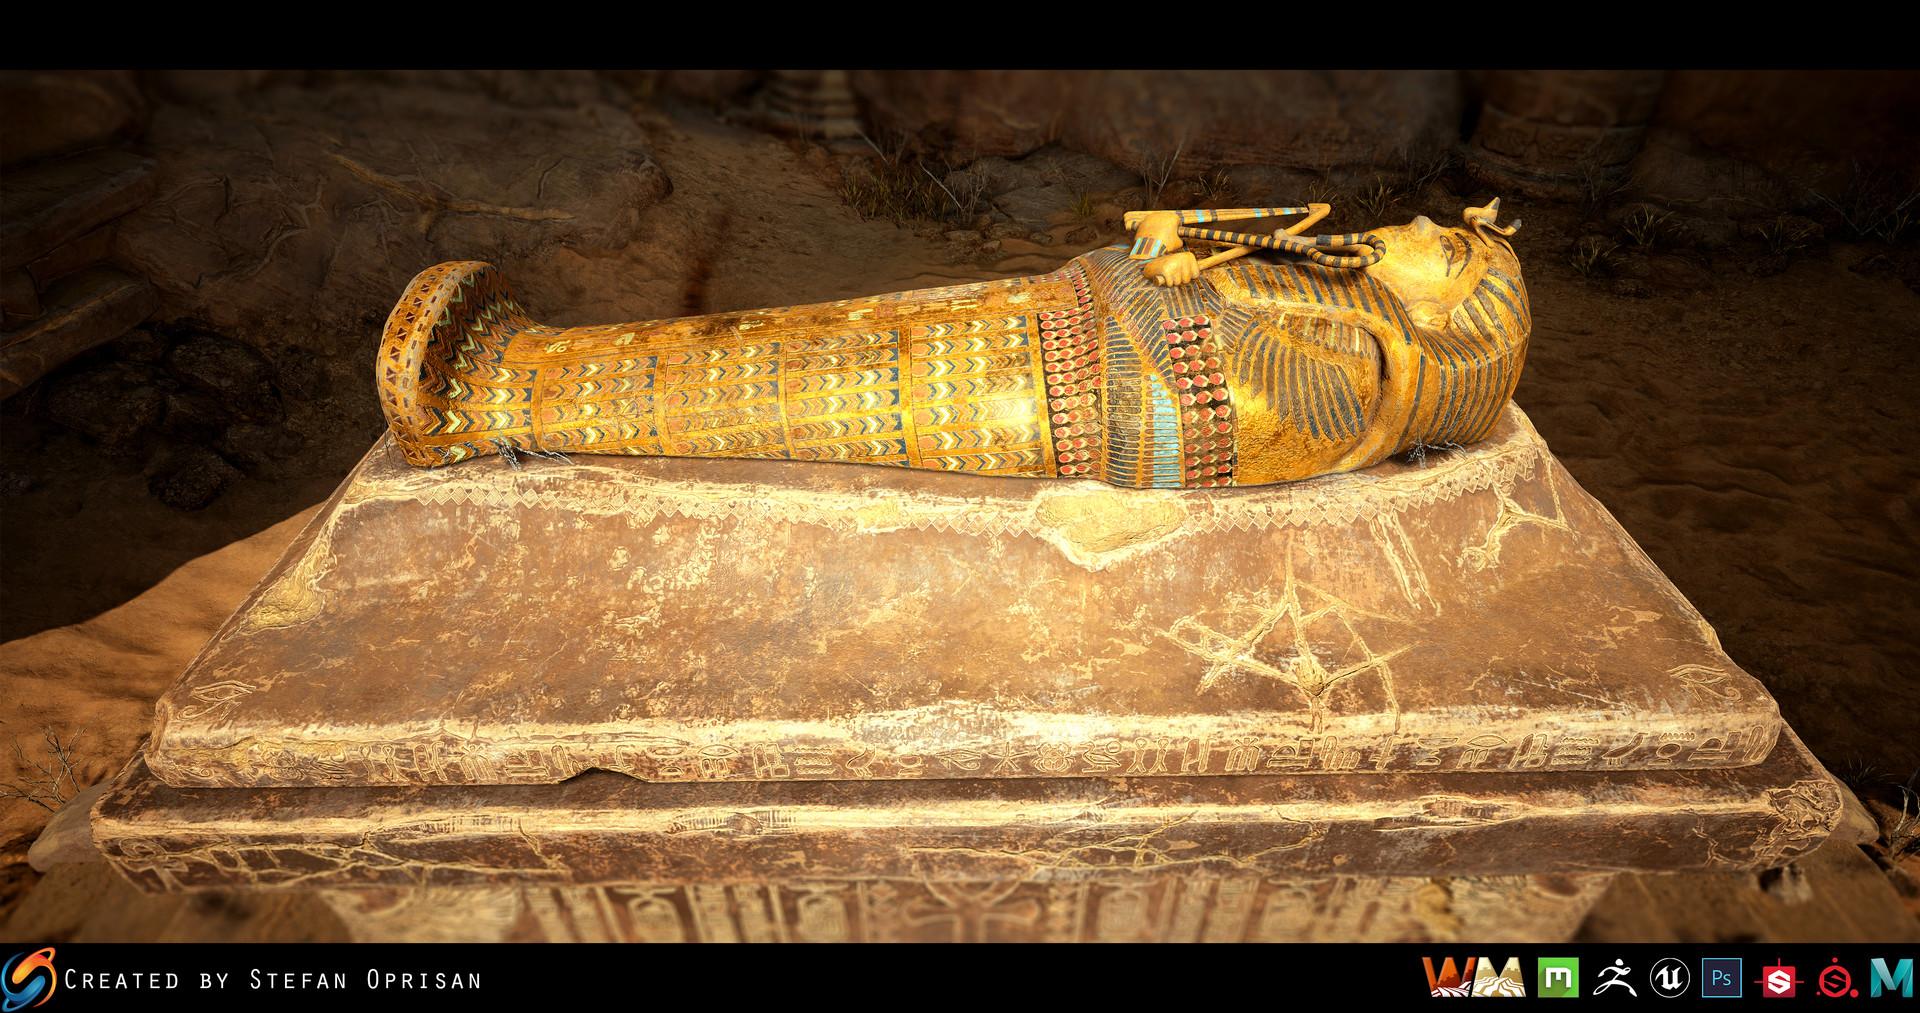 Stefan oprisan sarcophagus 3